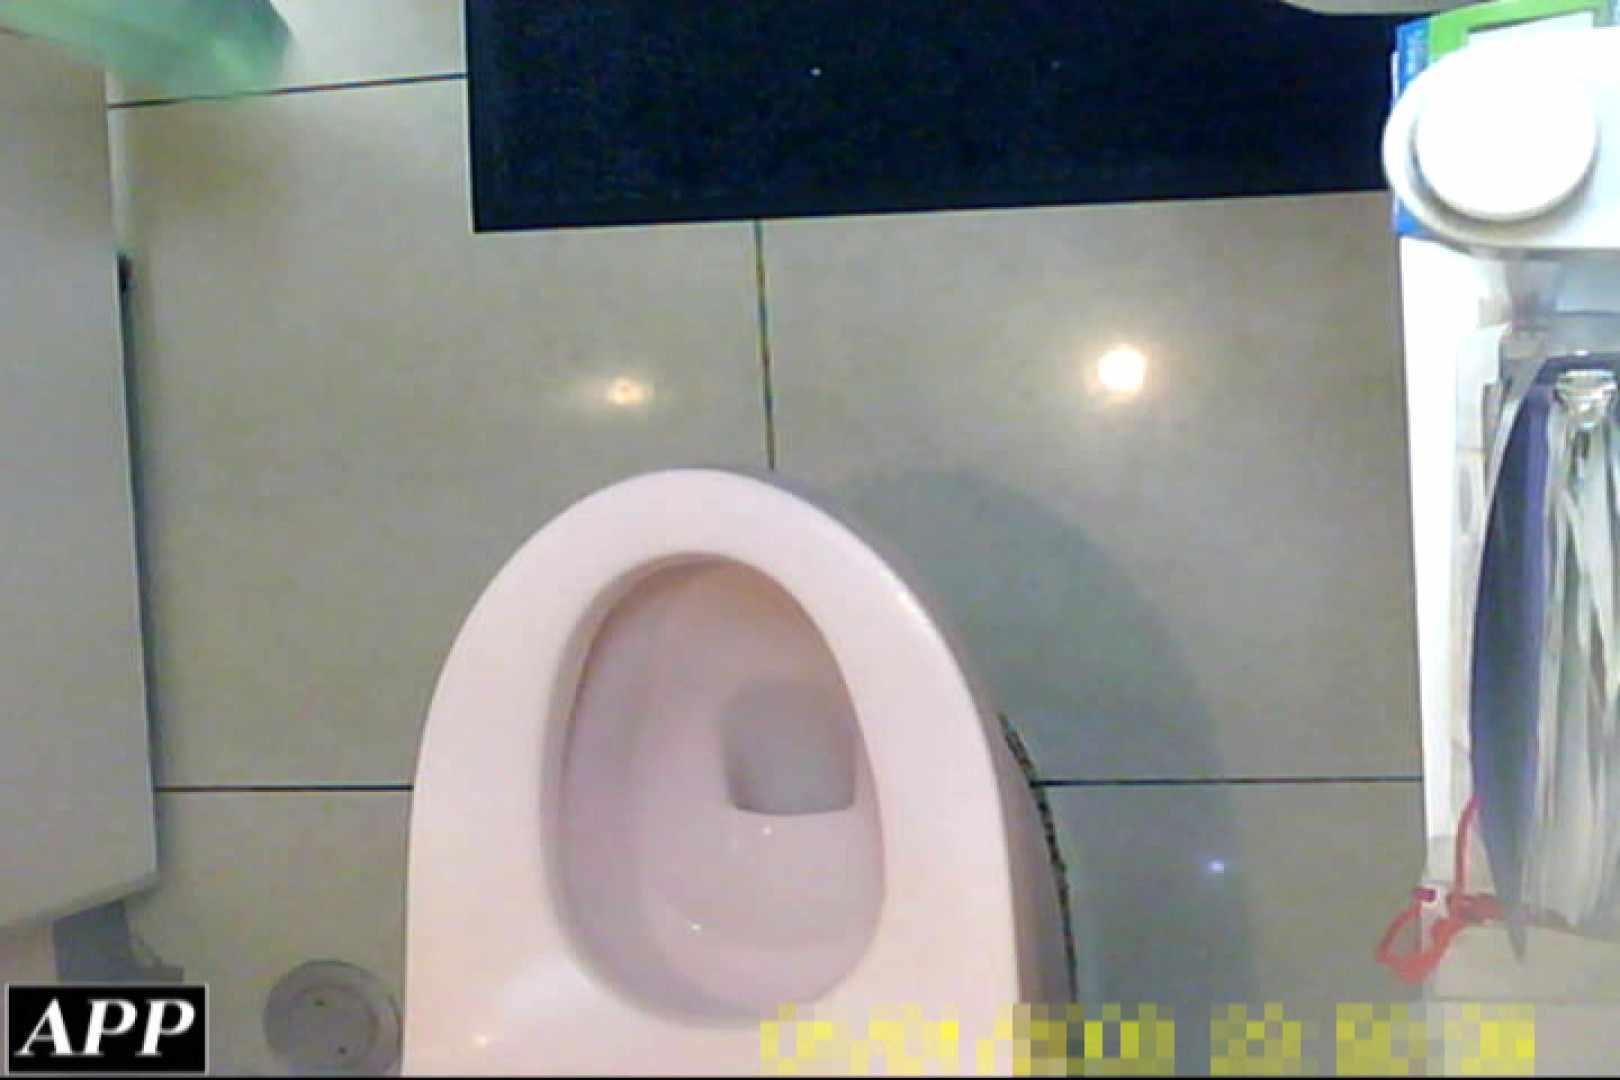 3視点洗面所 vol.142 OLの実態  26pic 20